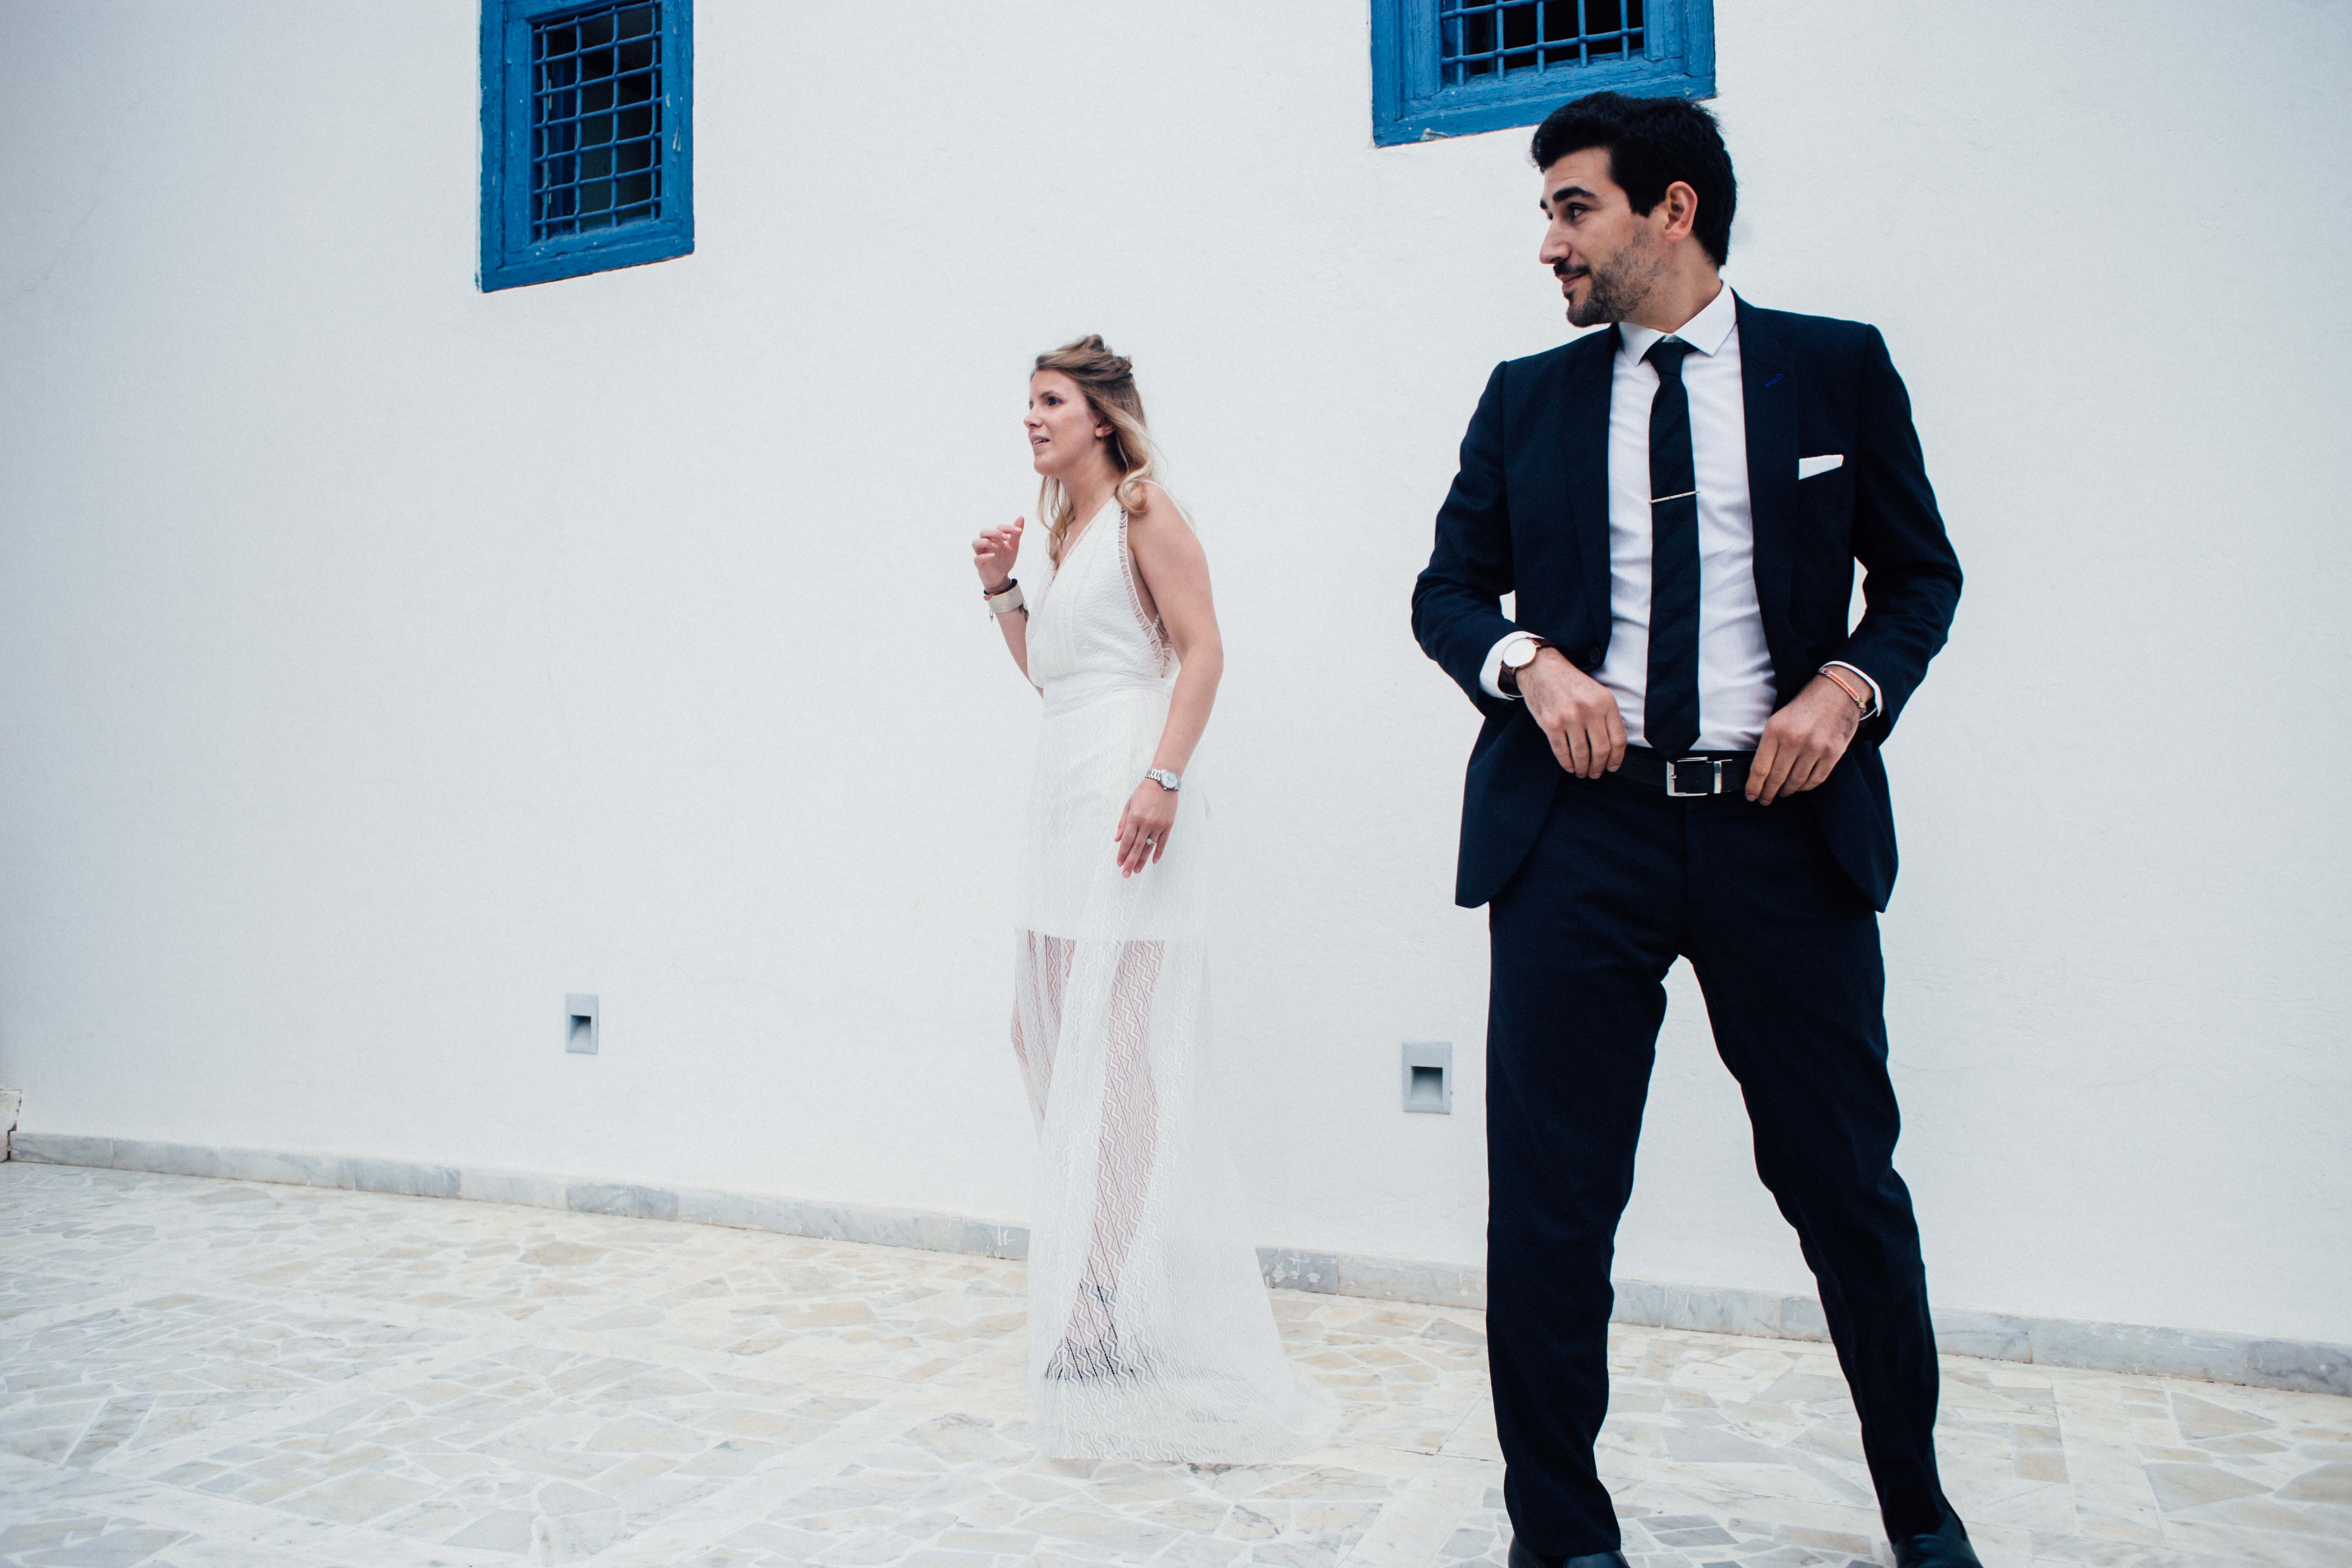 lucie_sassiat-engagement-tunisie-sidi_bou_said-leblogdemadamec.fr-7